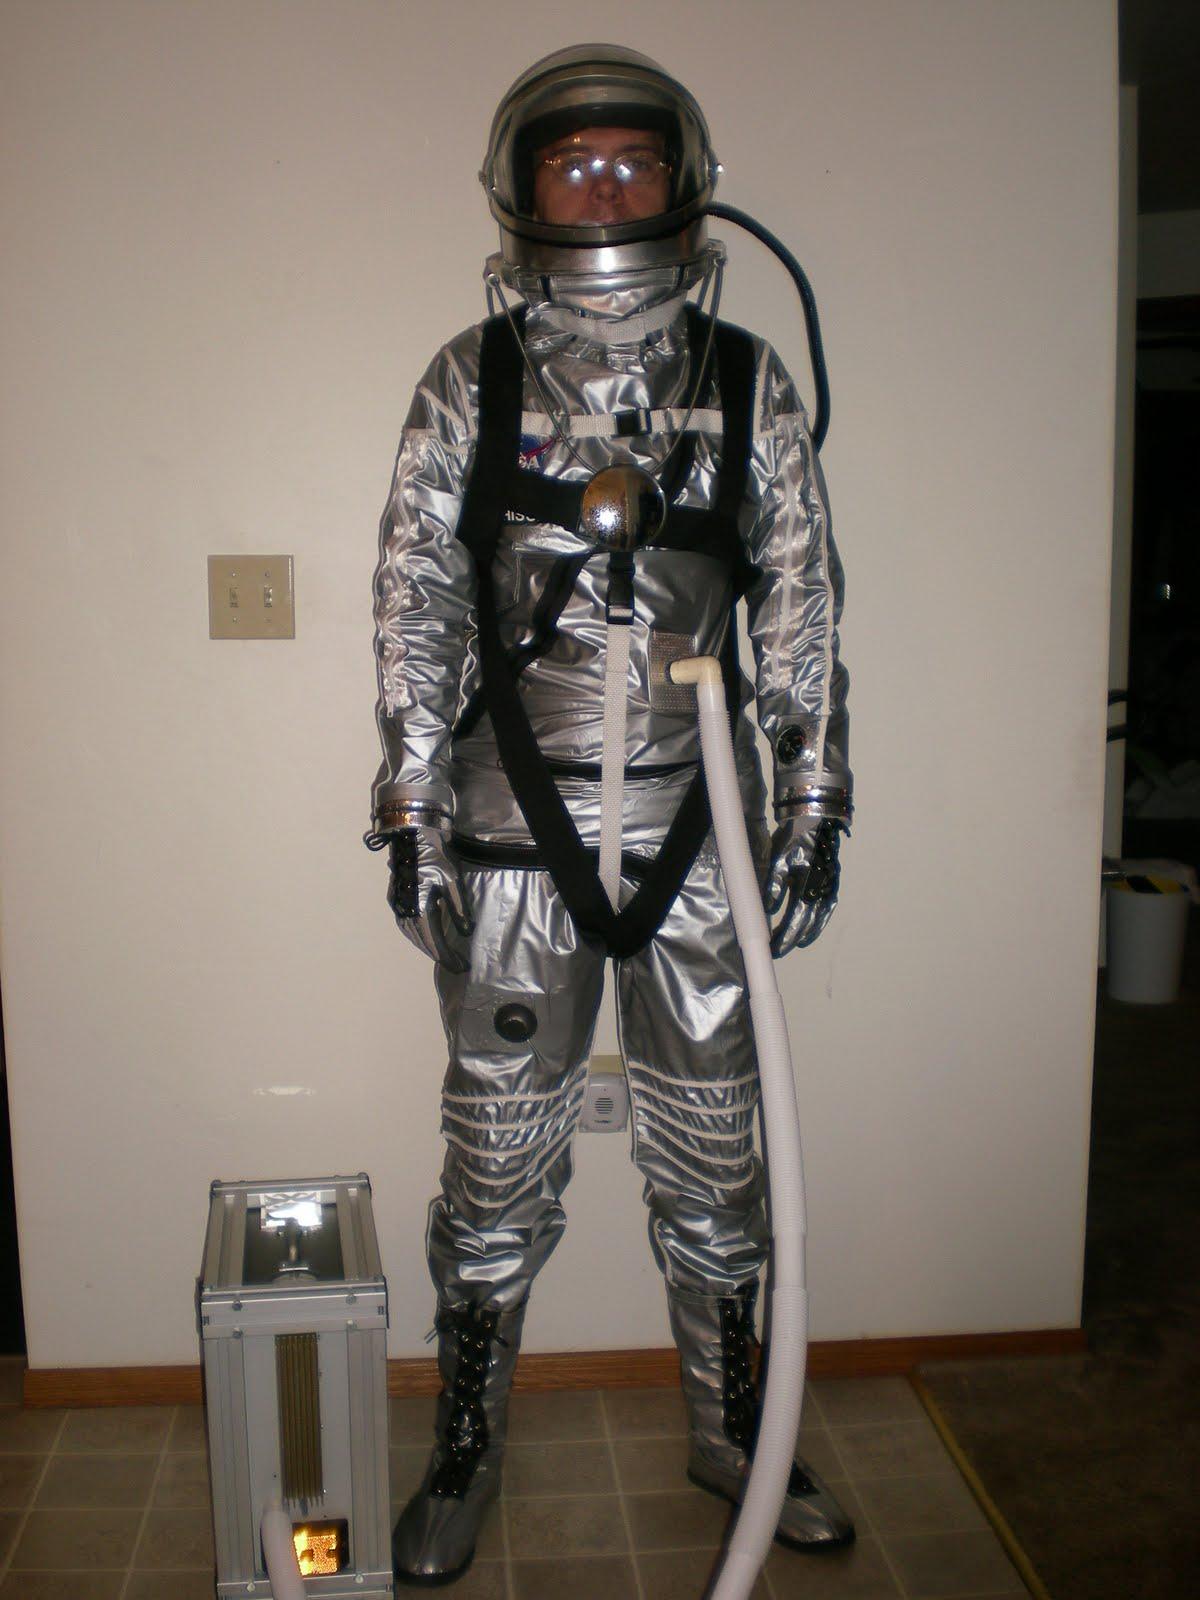 Mercury Capsule: Mercury space suit